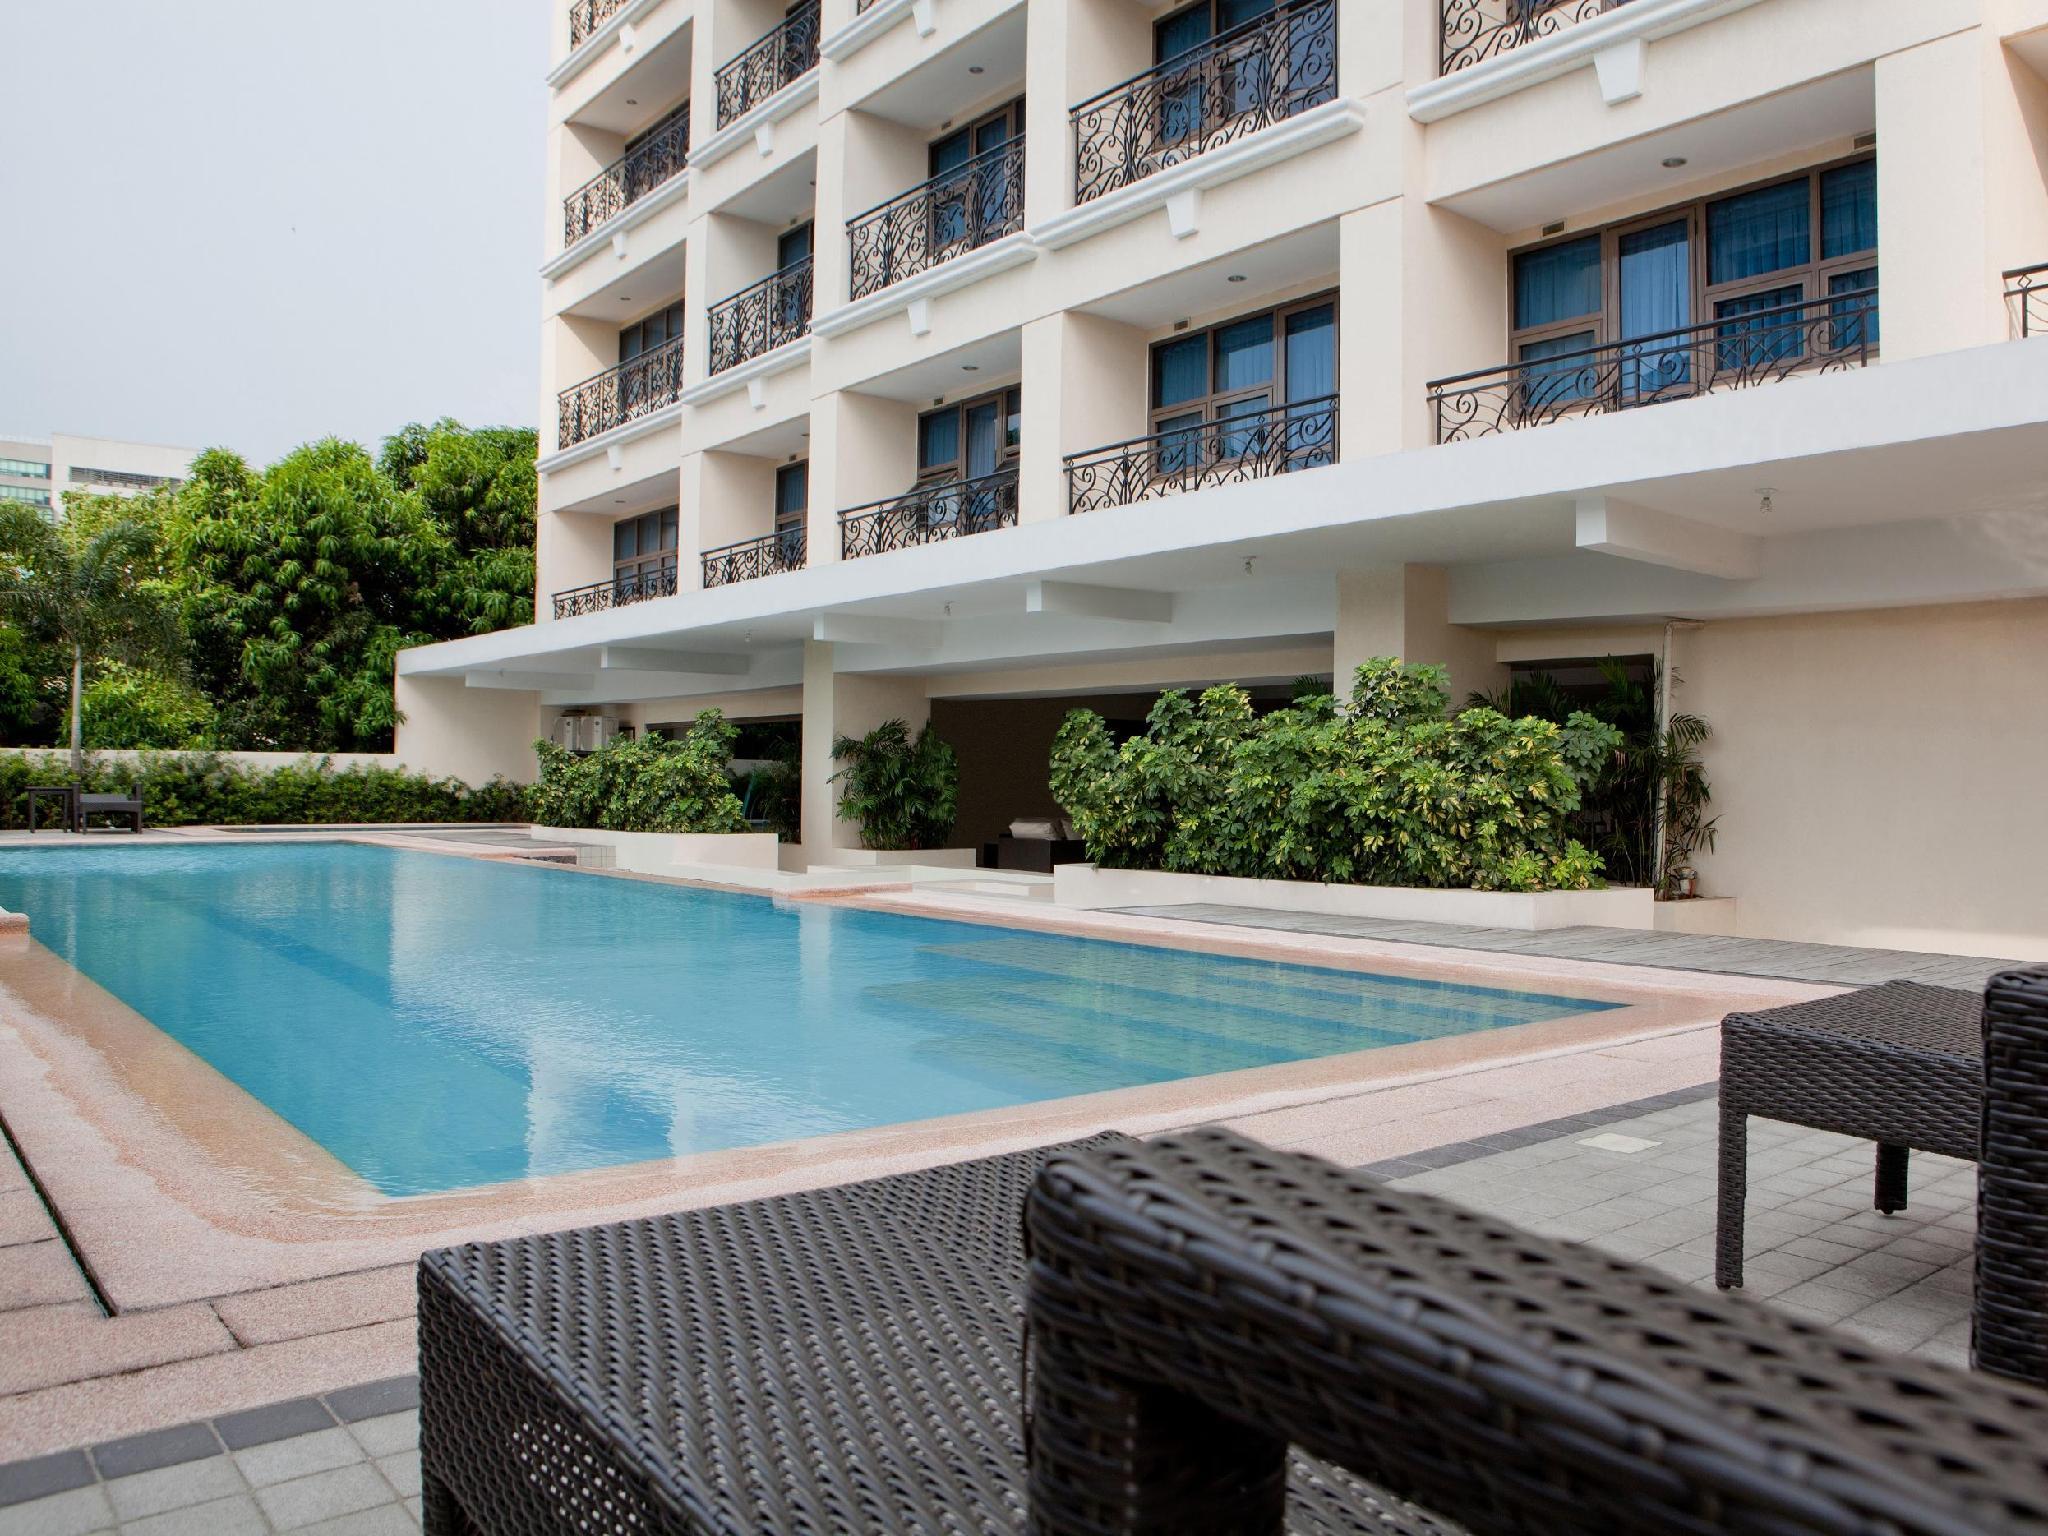 La Breza Hotel Quezon City